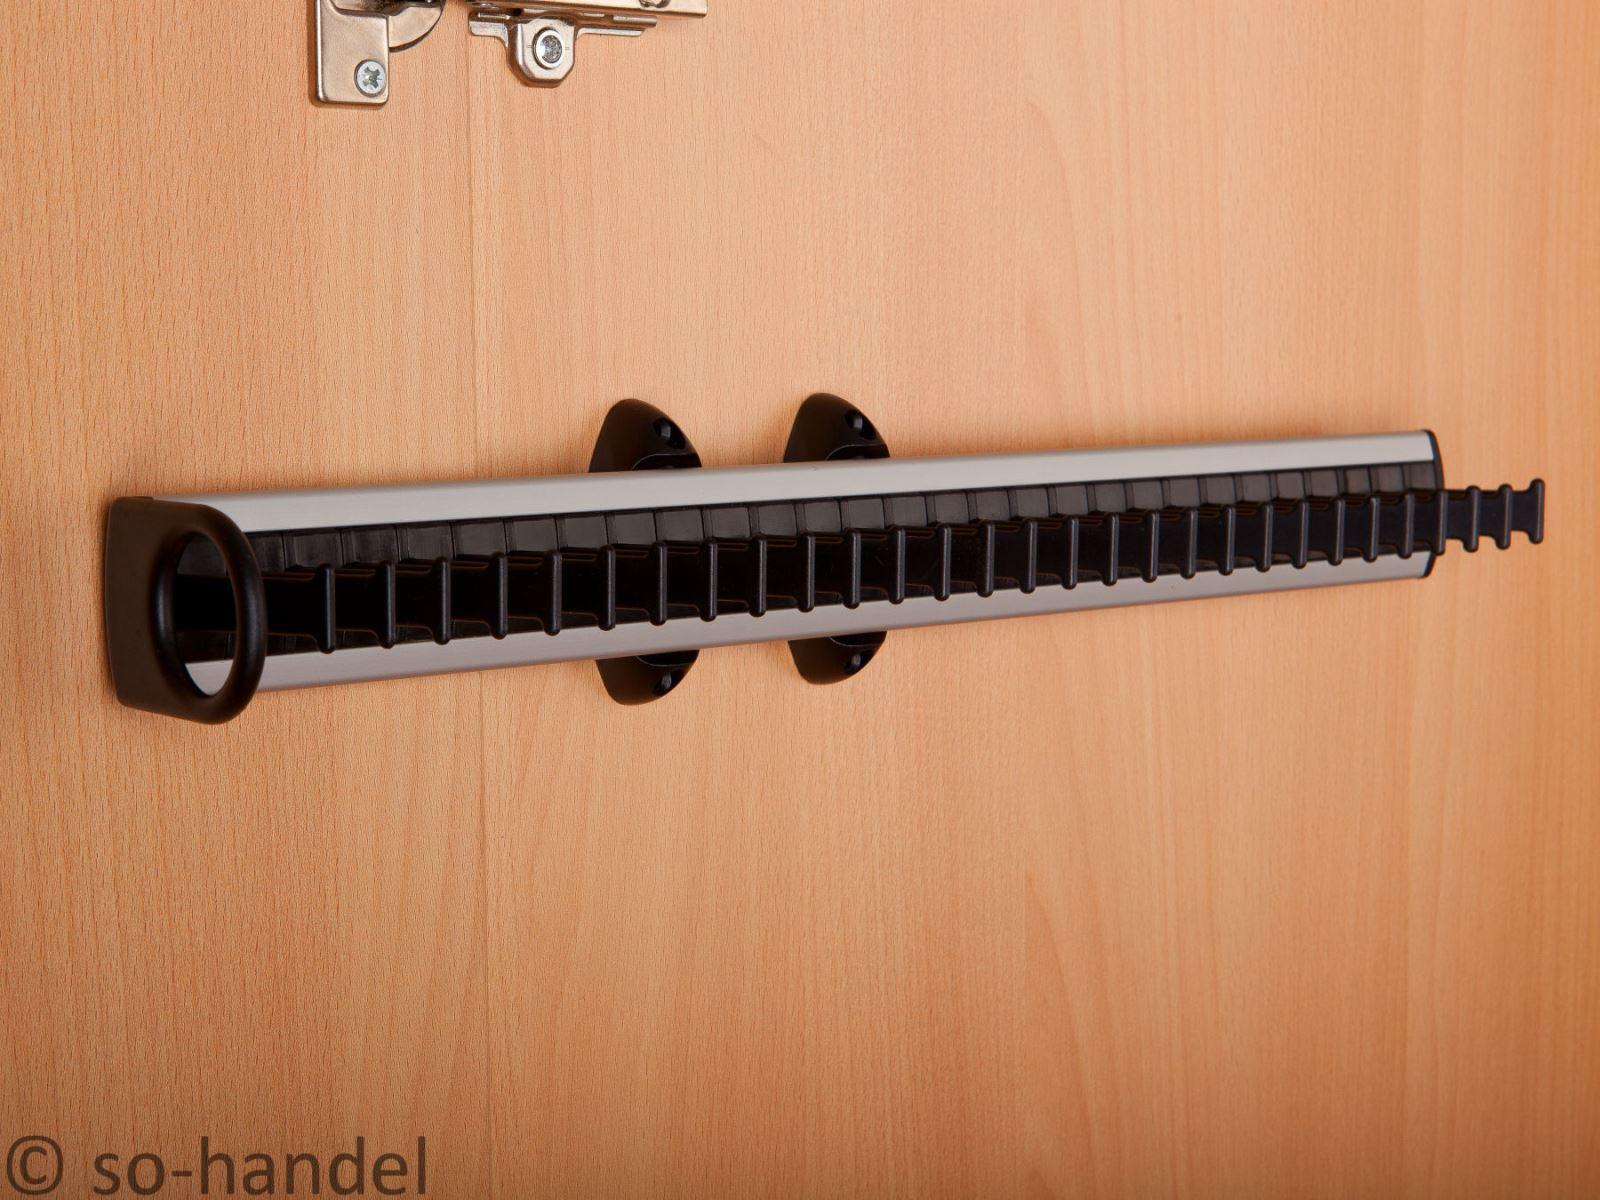 ausziehbarer krawattenhalter f r 30 krawatten krawattenauszug g rtelhalter eur 11 95 picclick de. Black Bedroom Furniture Sets. Home Design Ideas